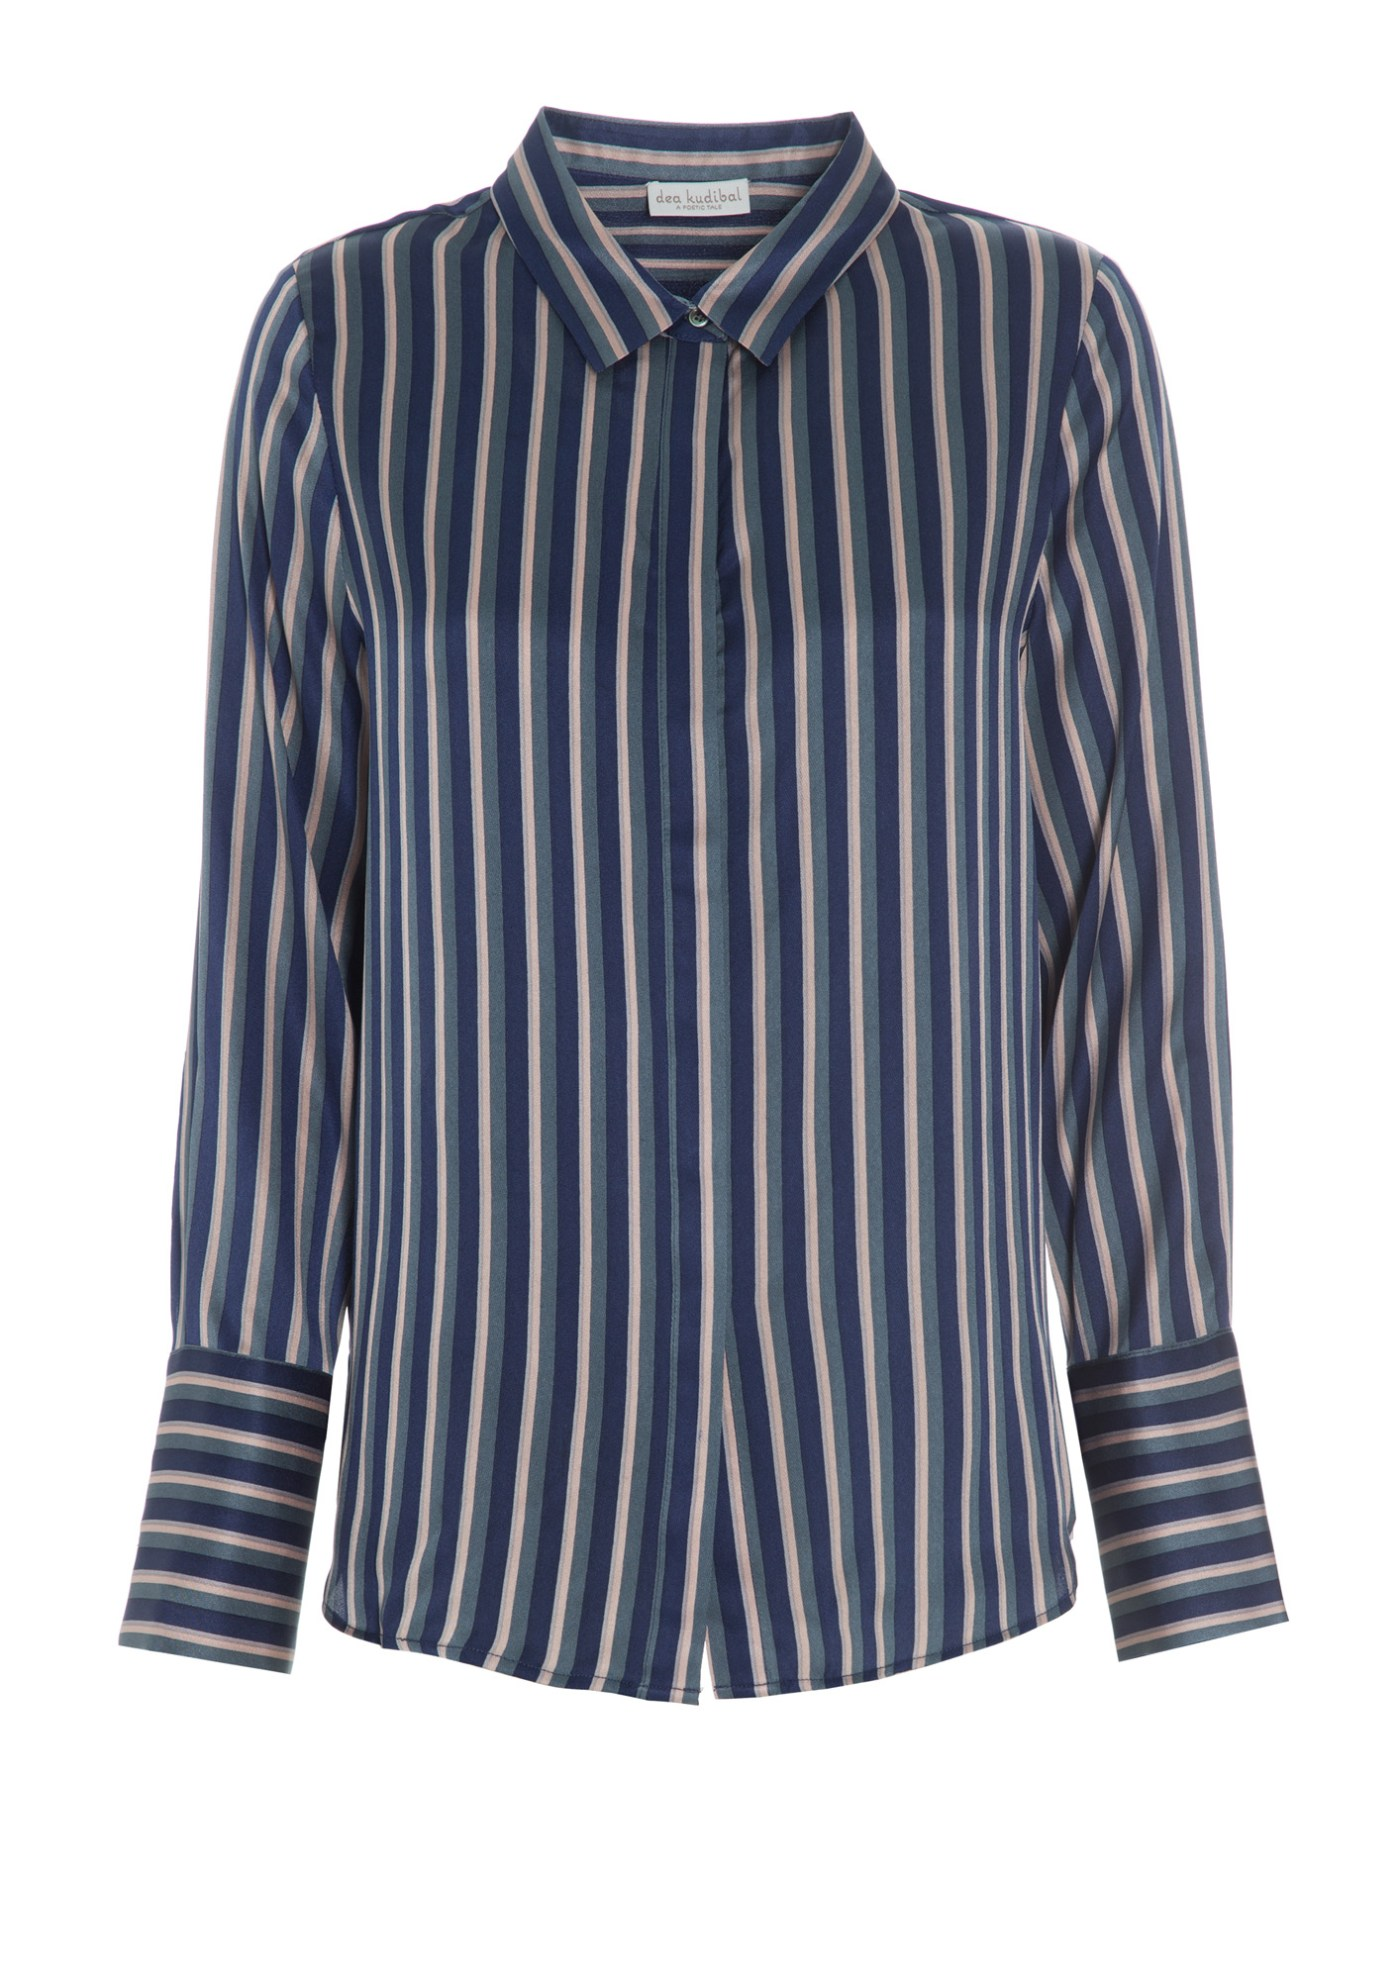 Rosablåstripet silkeskjorte Dea Kudibal - Chelsea flow navy